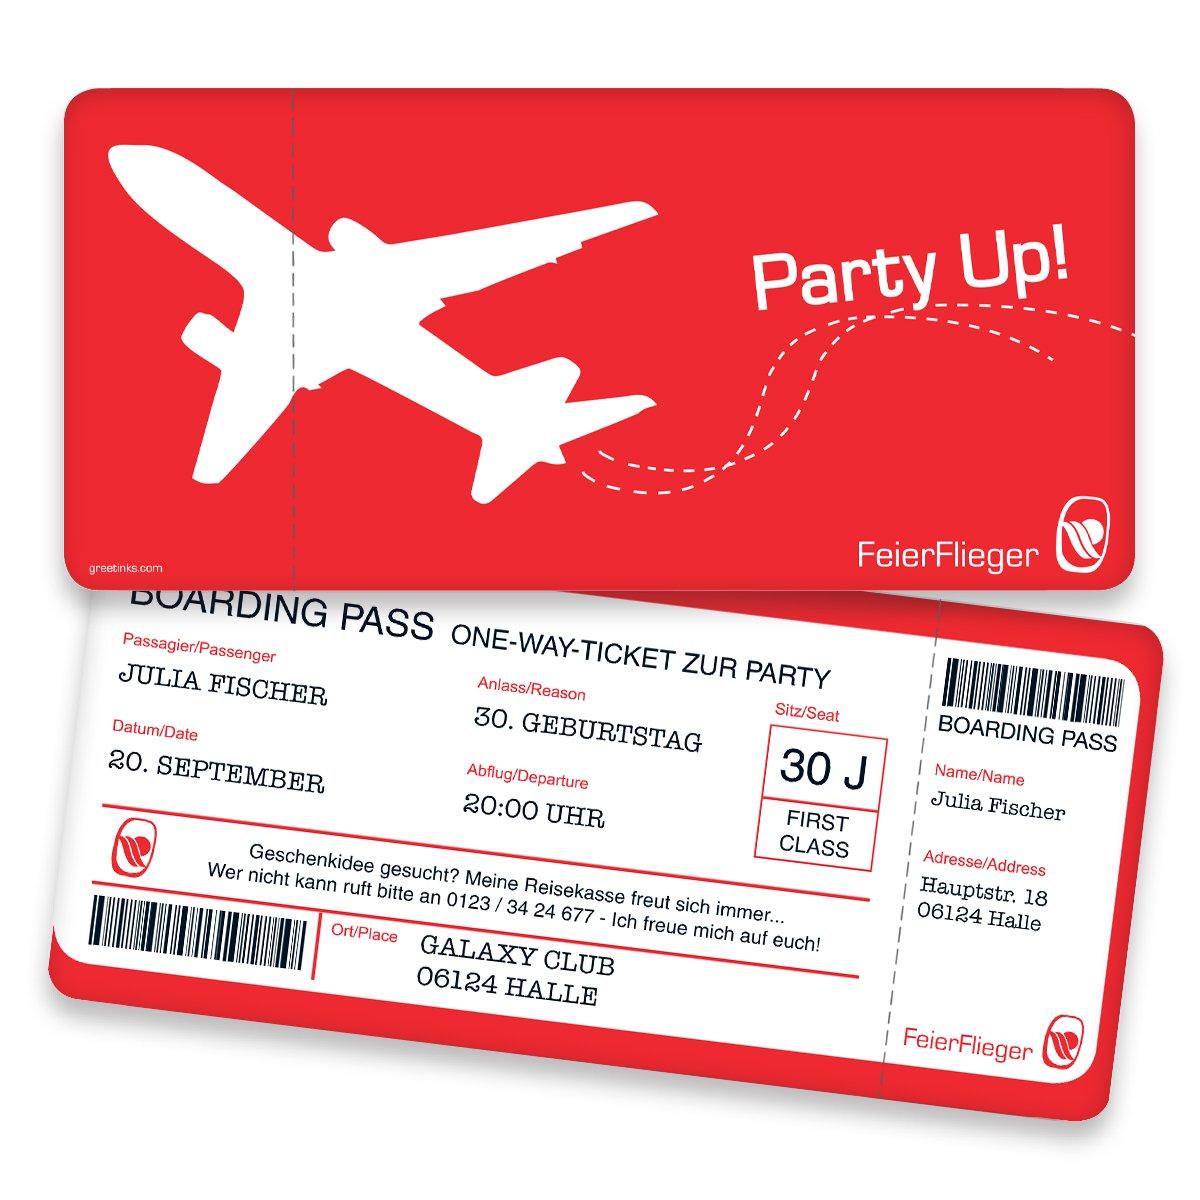 Einladungskarten zum Geburtstag - Boarding Pass   40 Stück   Inkl. Druck Ihrer persönlichen Texte   Individuelle Einladungen   Karte Einladung B01N8122WP | Ästhetisches Aussehen  | Shop Düsseldorf  | Auf Verkauf